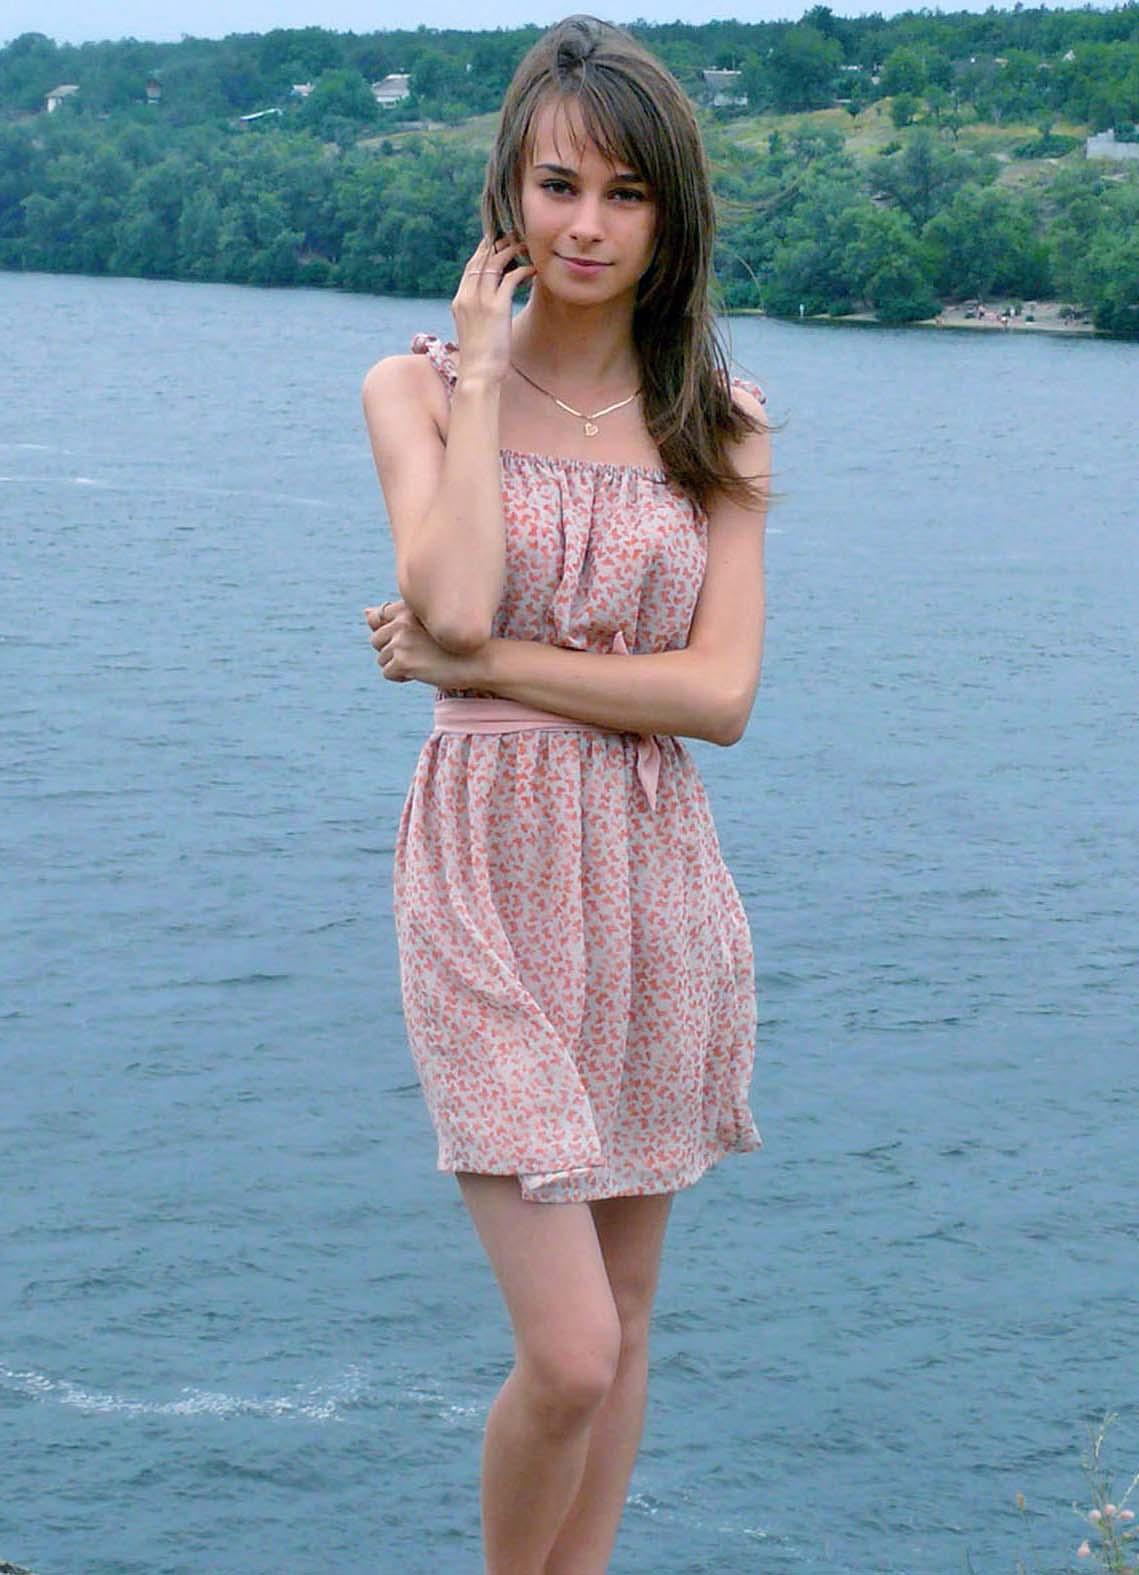 Юная девчонка в платье на фоне реки